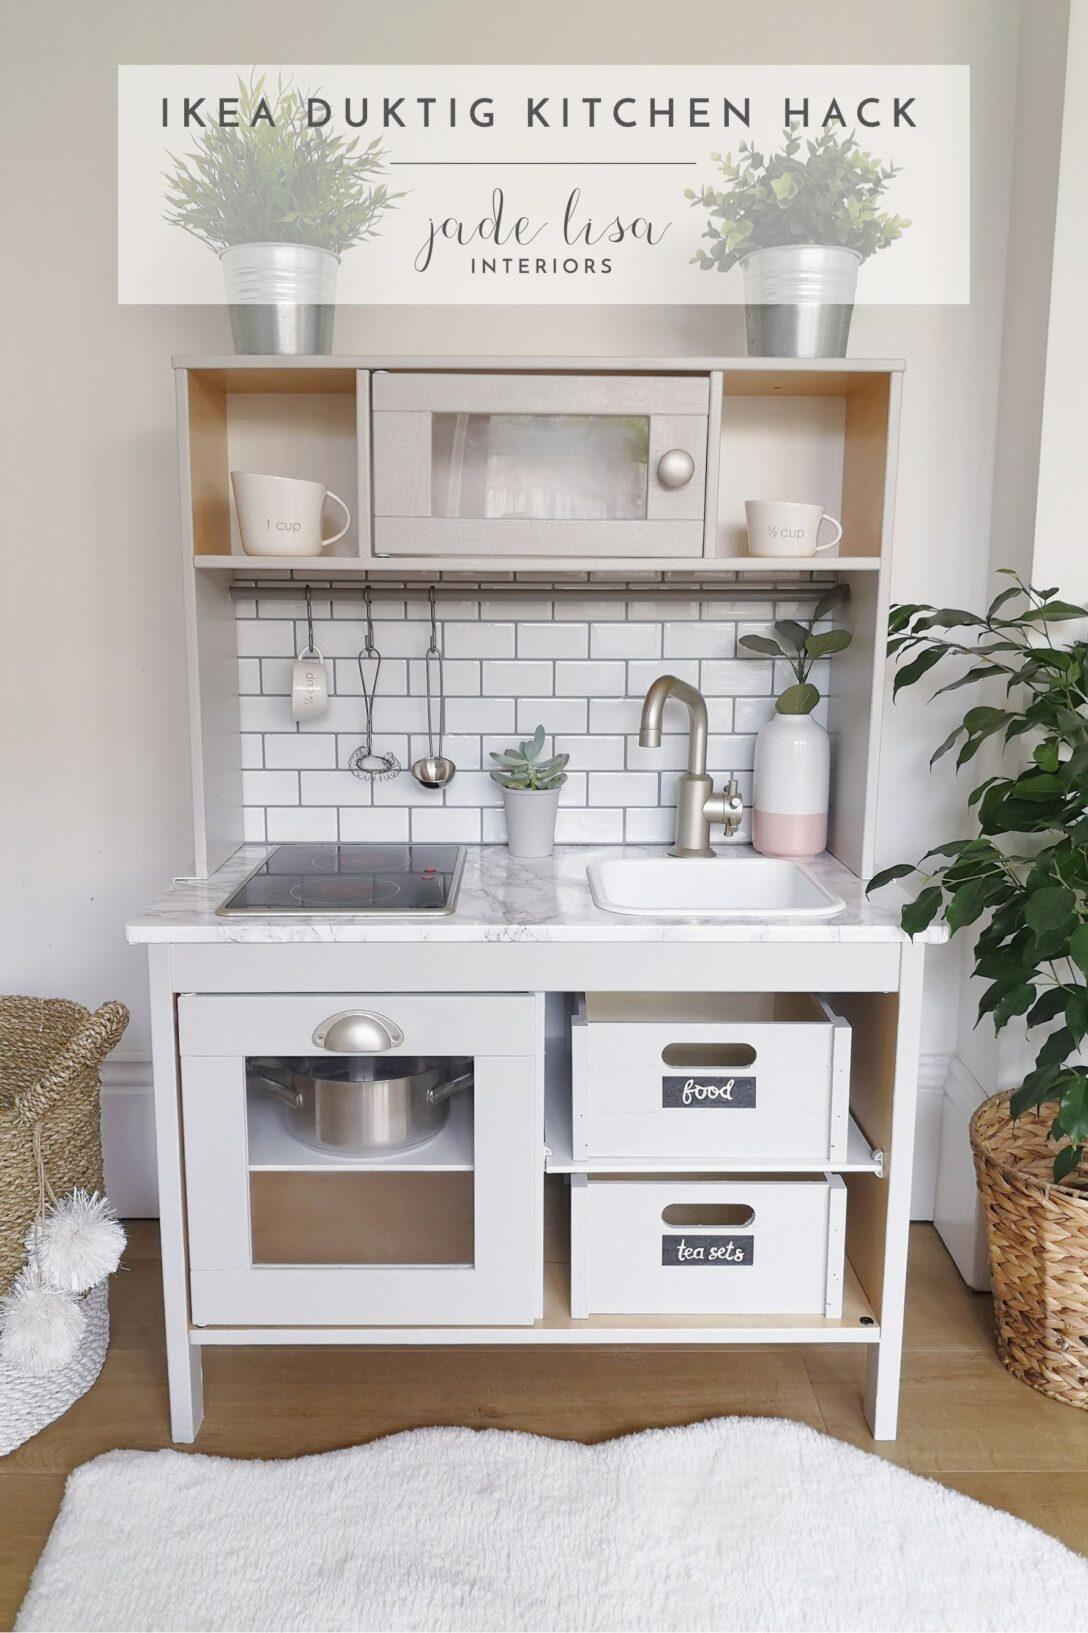 Large Size of Ikea Duktig Kchen Hack So Berarbeiten Sie Ihre Küchen Regal Küche Kosten Kaufen Miniküche Betten 160x200 Sofa Mit Schlaffunktion Bei Modulküche Wohnzimmer Ikea Küchen Hacks